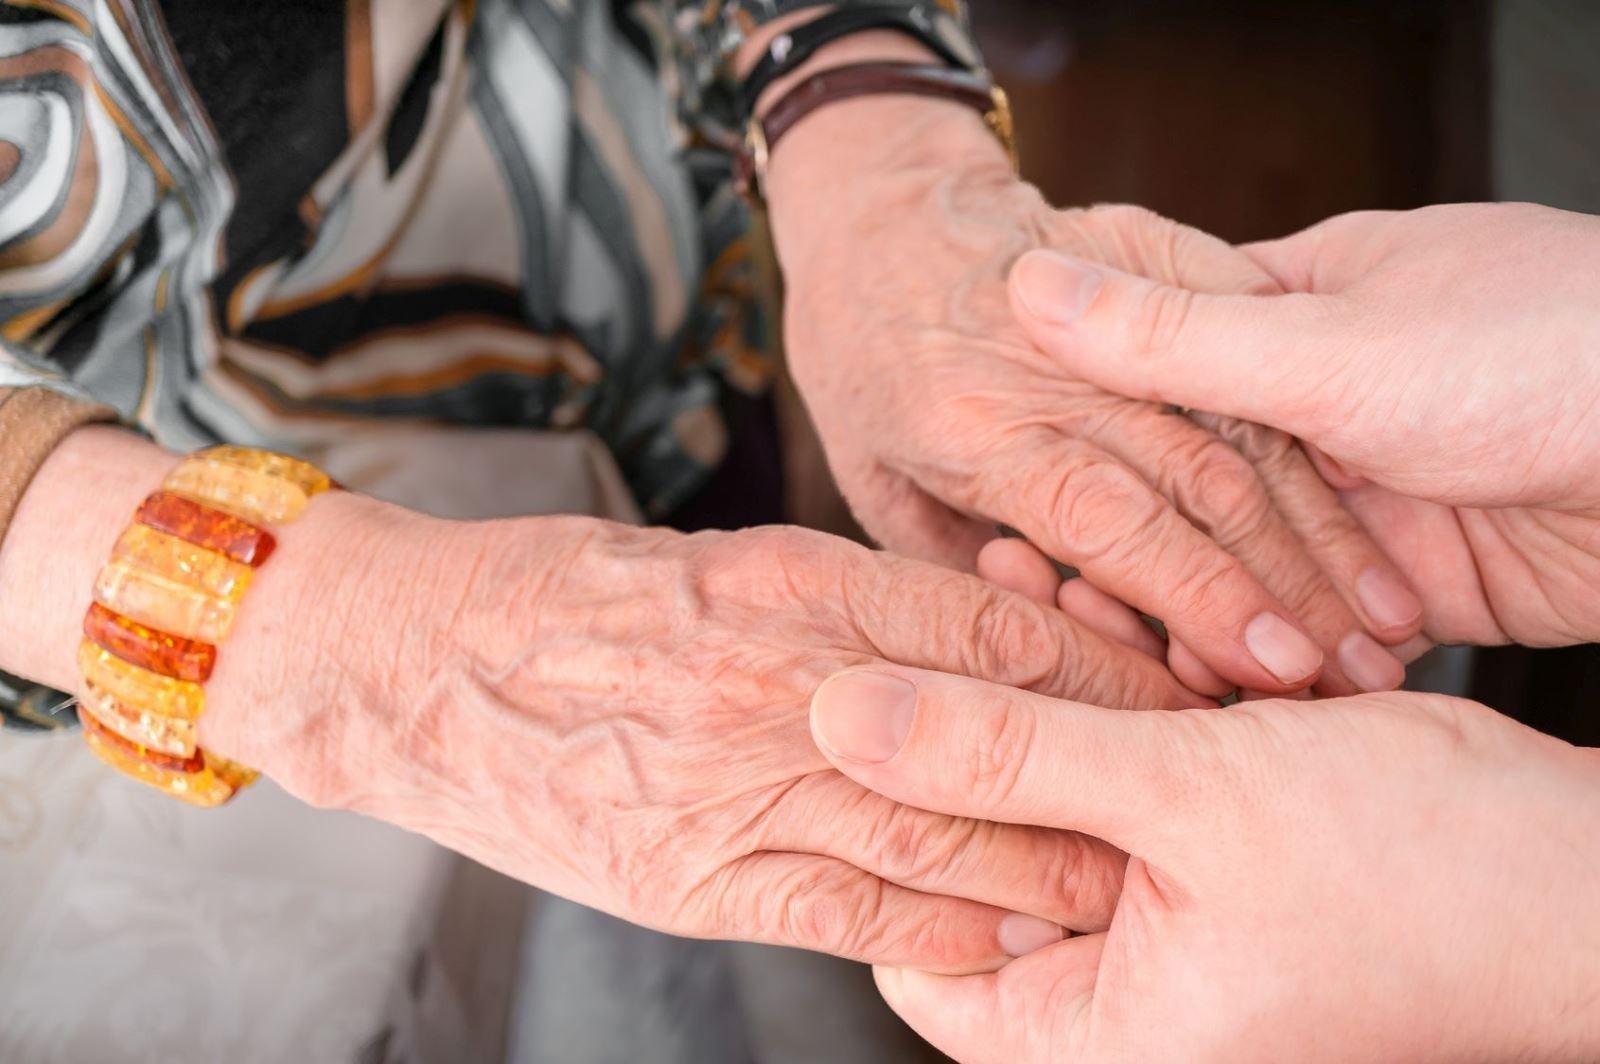 Болезнь Альцгеймера и сахар. Есть ли связь?